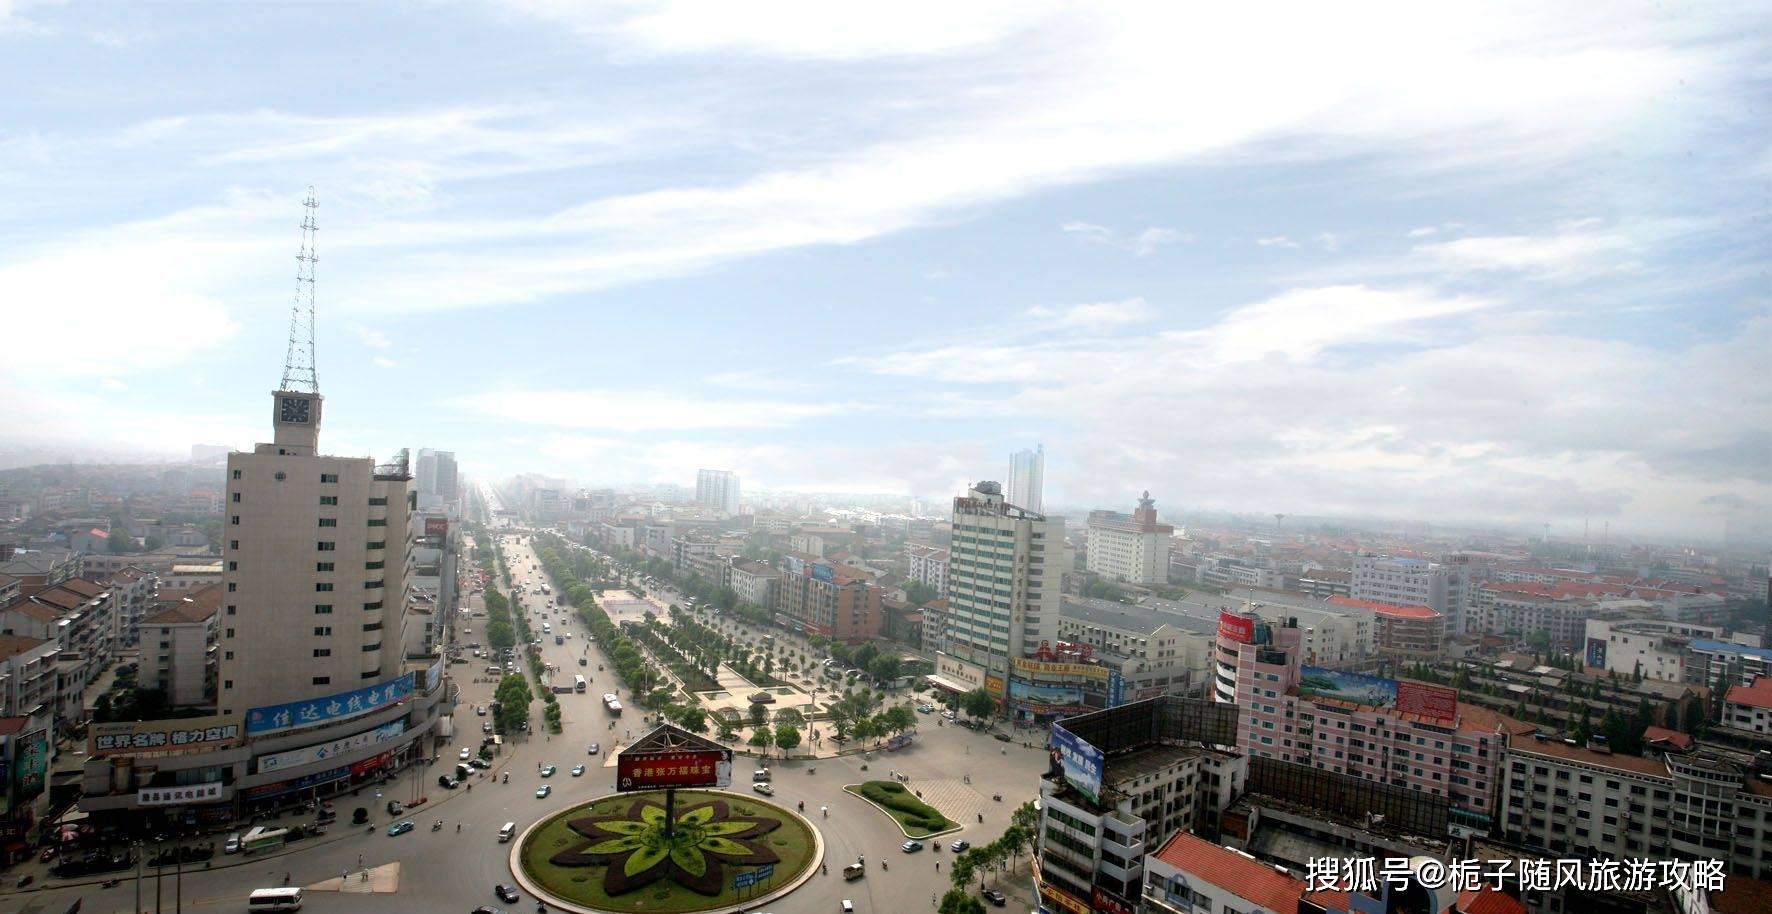 石门县和澧县GDP_湖南石门人均GDP已超澧县,从区域平衡发展看,呼南高铁应走东线